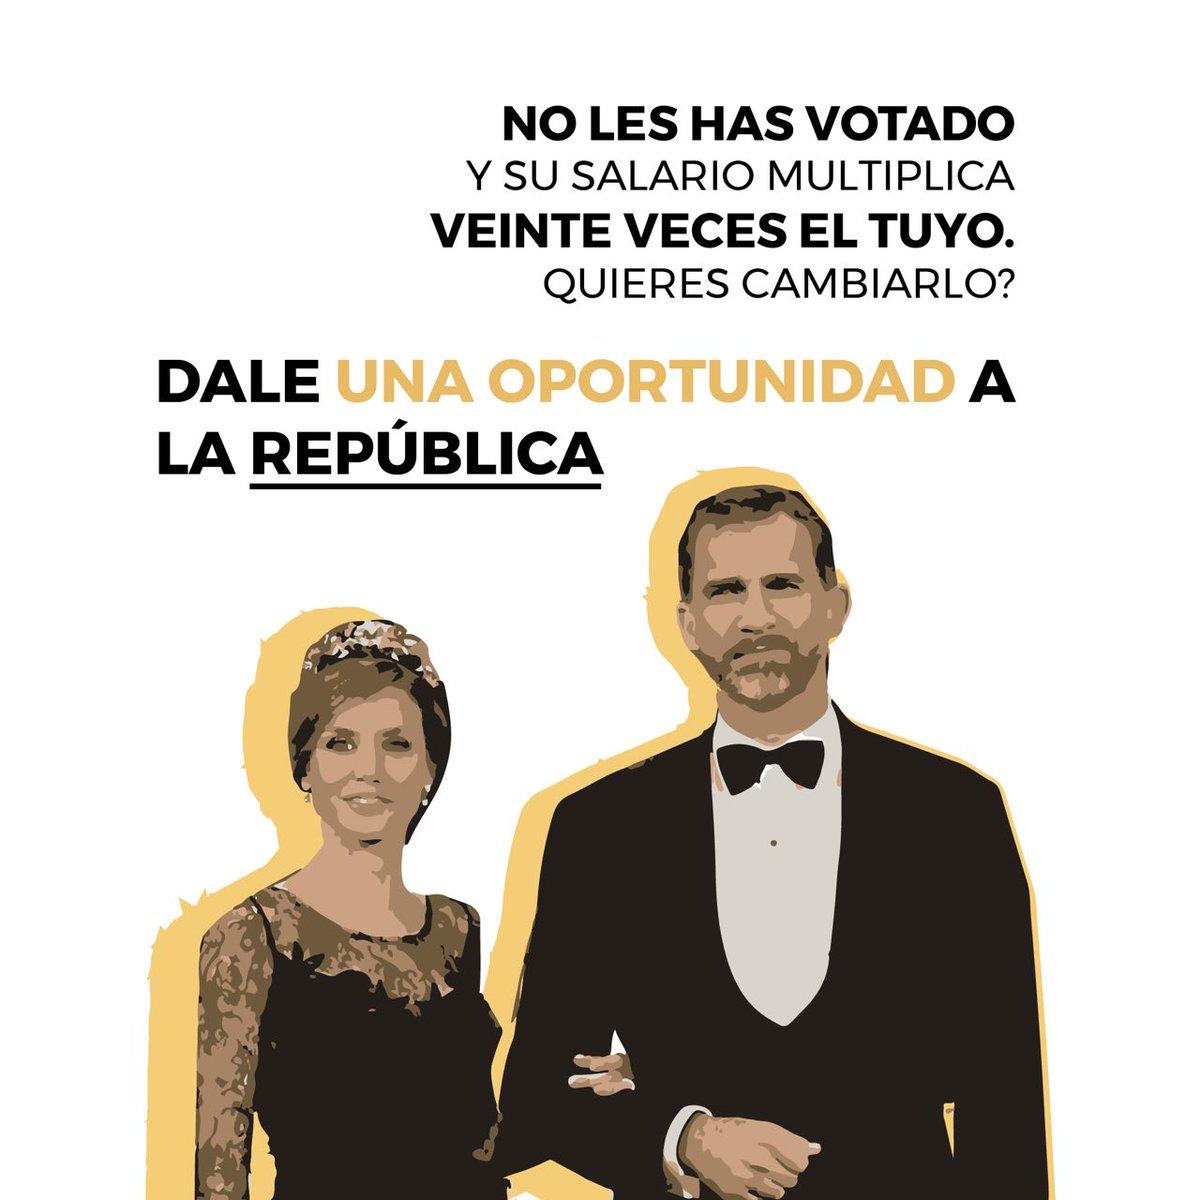 RT @LOngJOhnS1lv3r: Dale una oportunidad a la República. #RepúblicaEn2020 https://t.co/v6tojkOoQB